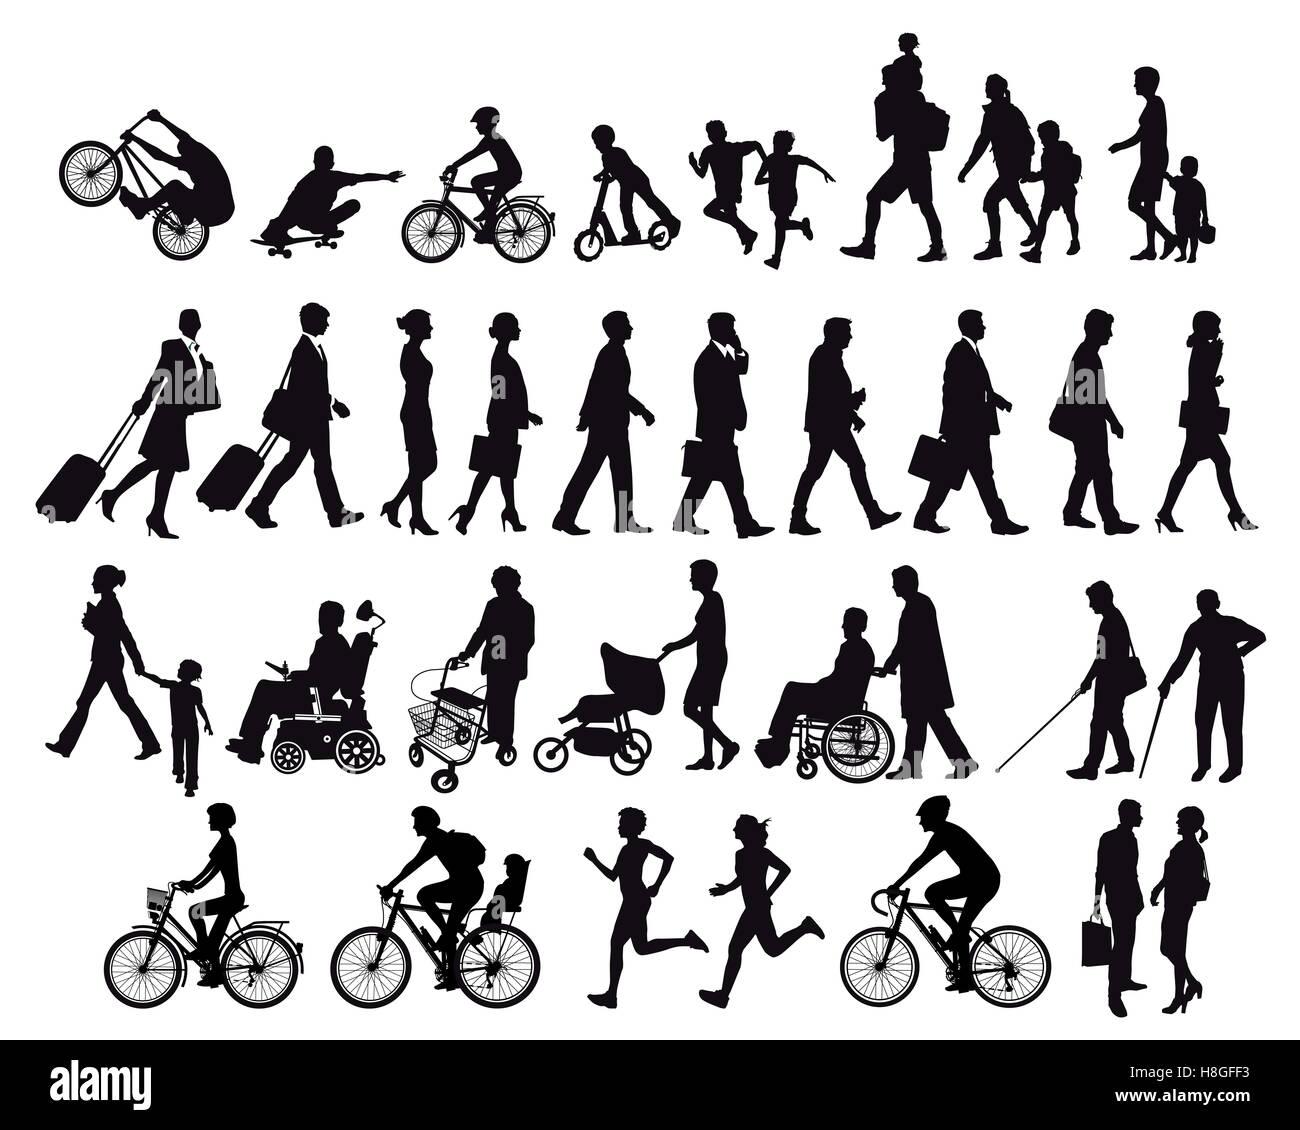 Menschen in Bewegung und Aktivitäten Stockbild